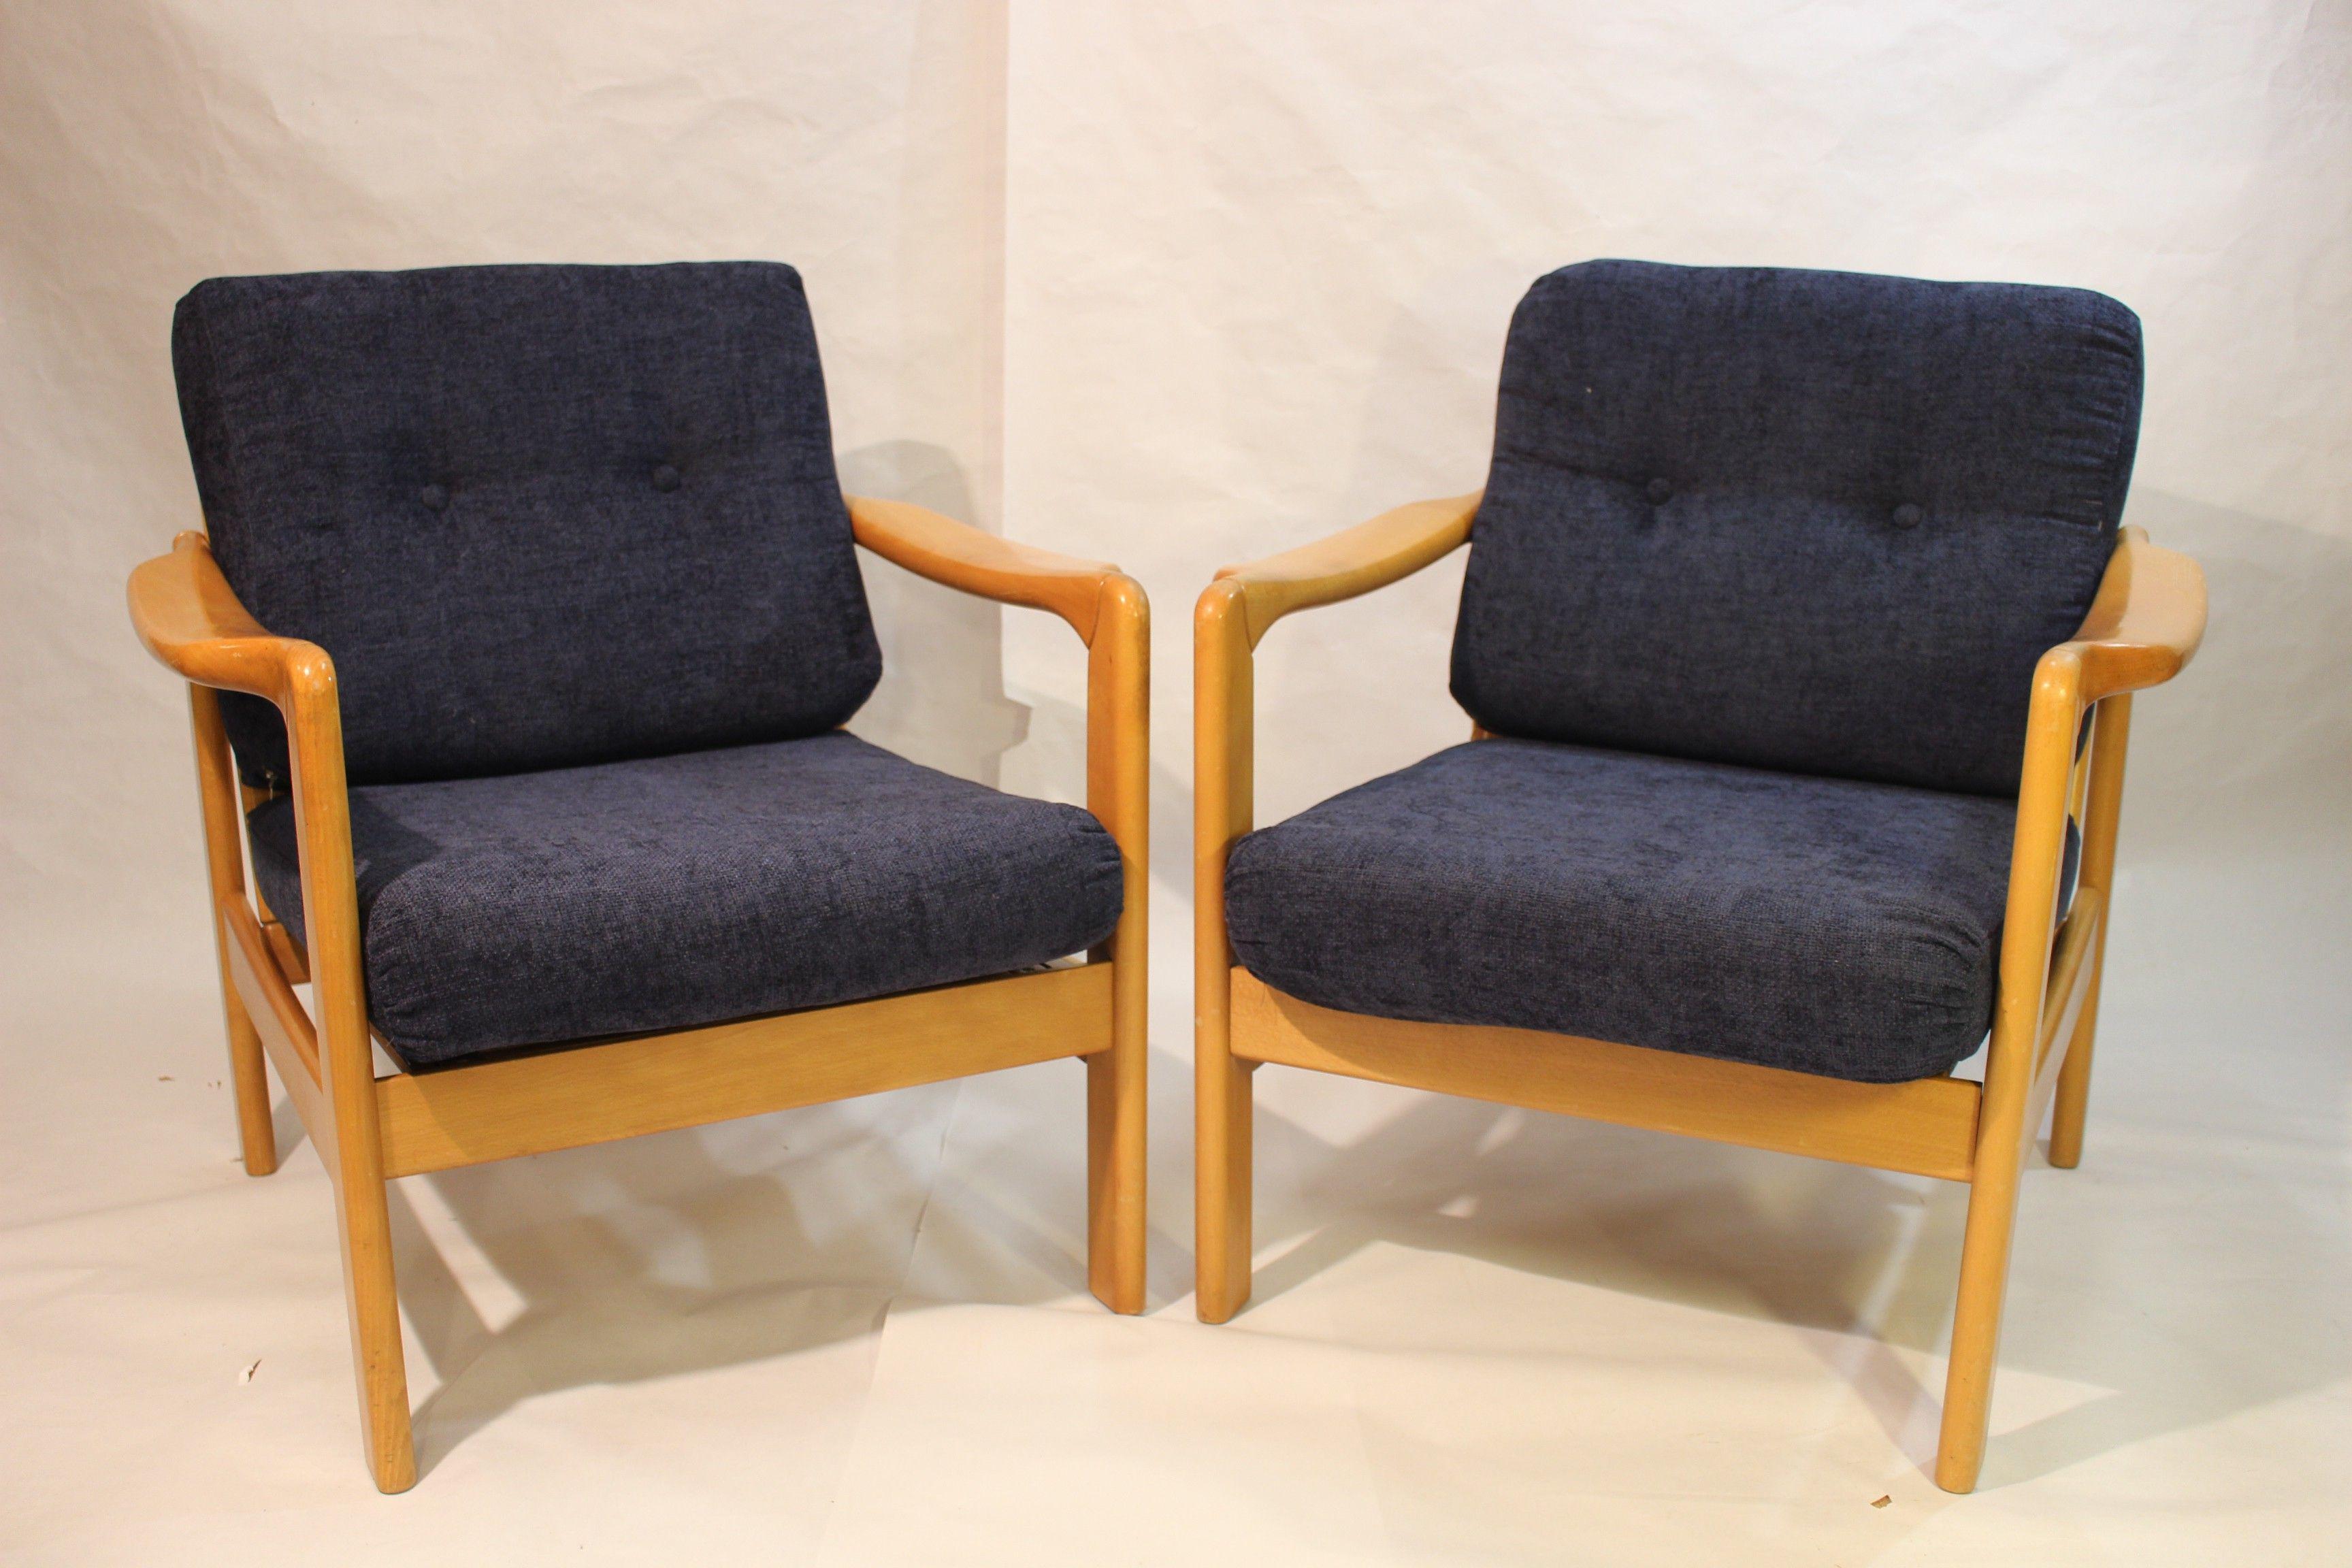 Fauteuil Scandinave Annees 60 D Occasion Vintage Design Scandinave Industriel Ancien Vendu Sur Collector Chic Depot Fauteuil Scandinave Fauteuil Scandinave